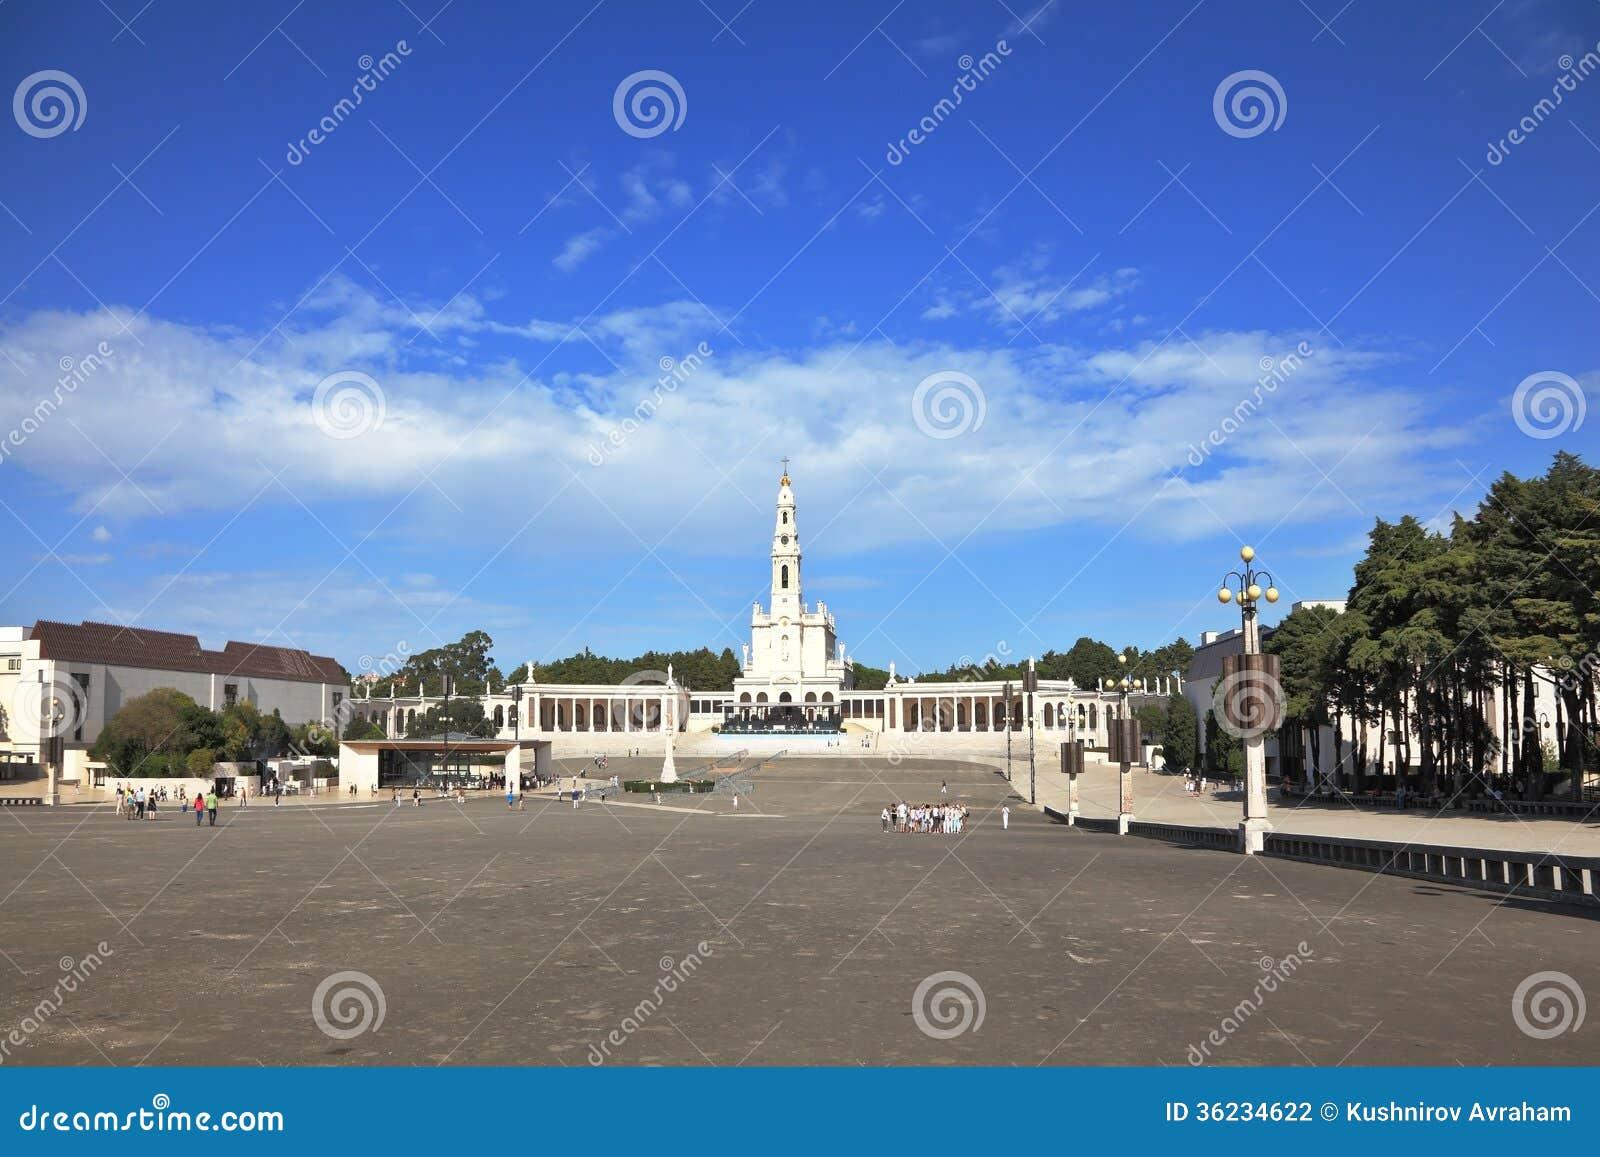 The grand memorial and religious complex in Fatima